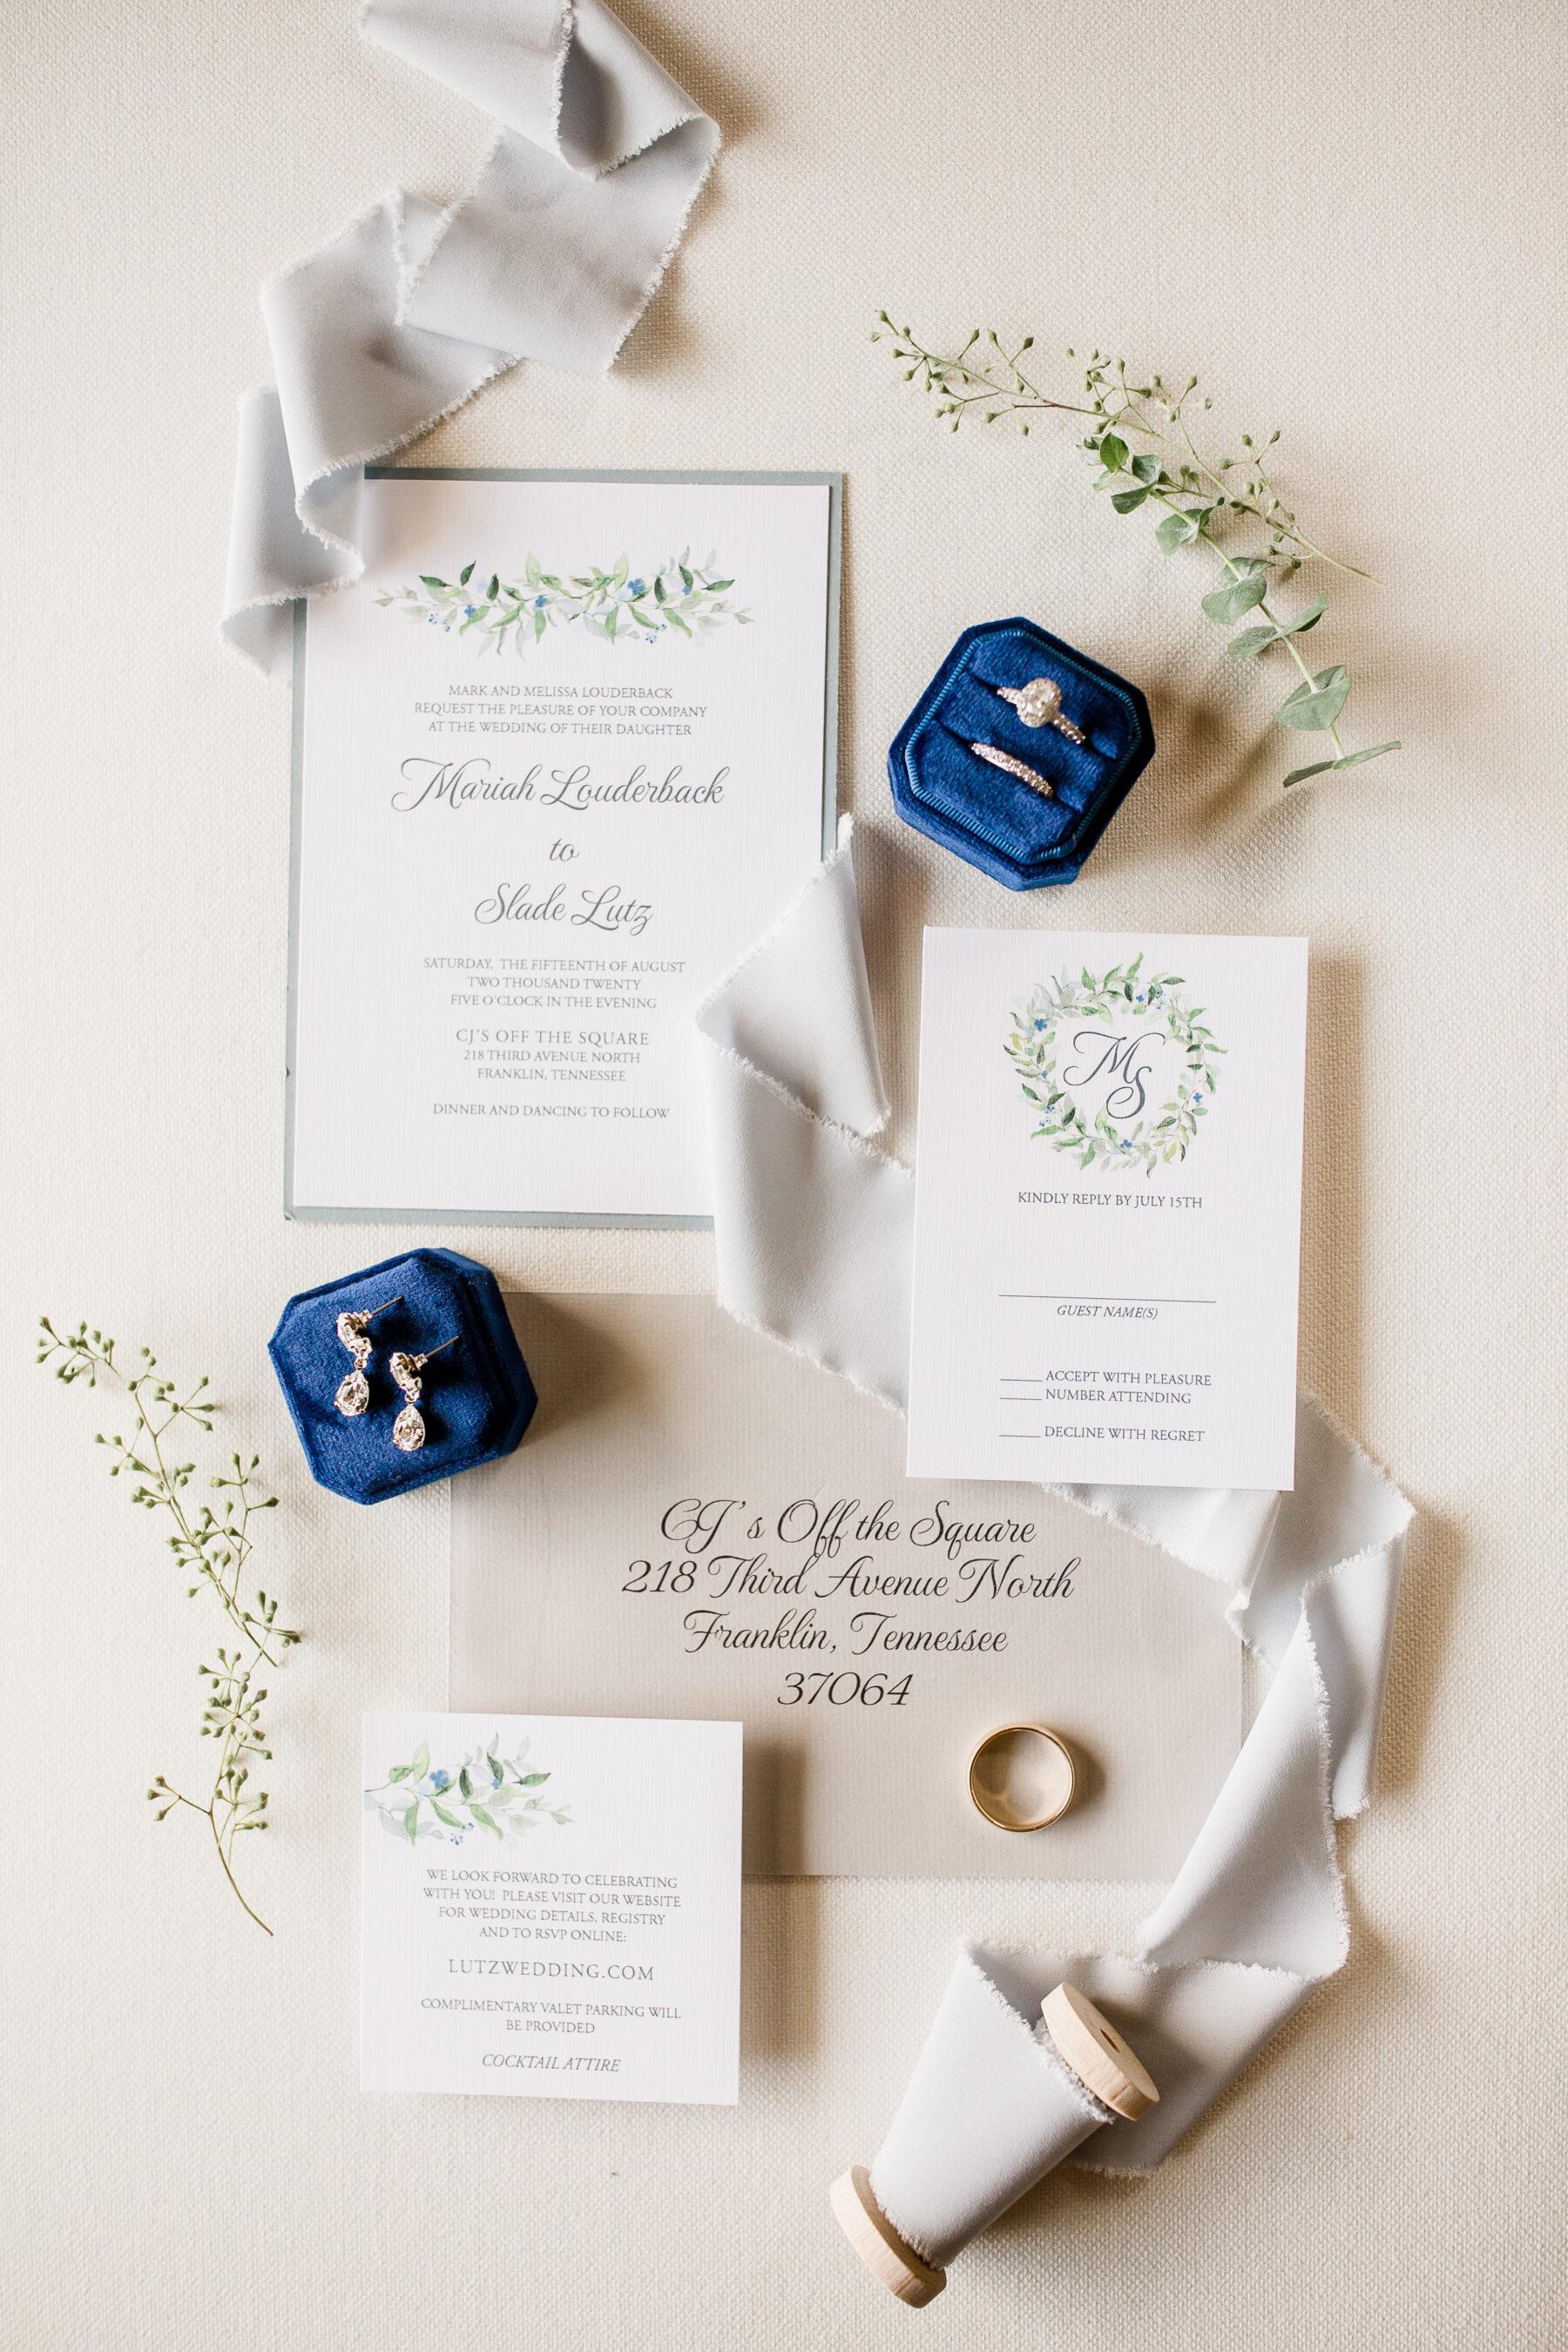 Timeless Wedding Stationery Suite | Nashville Bride Guide